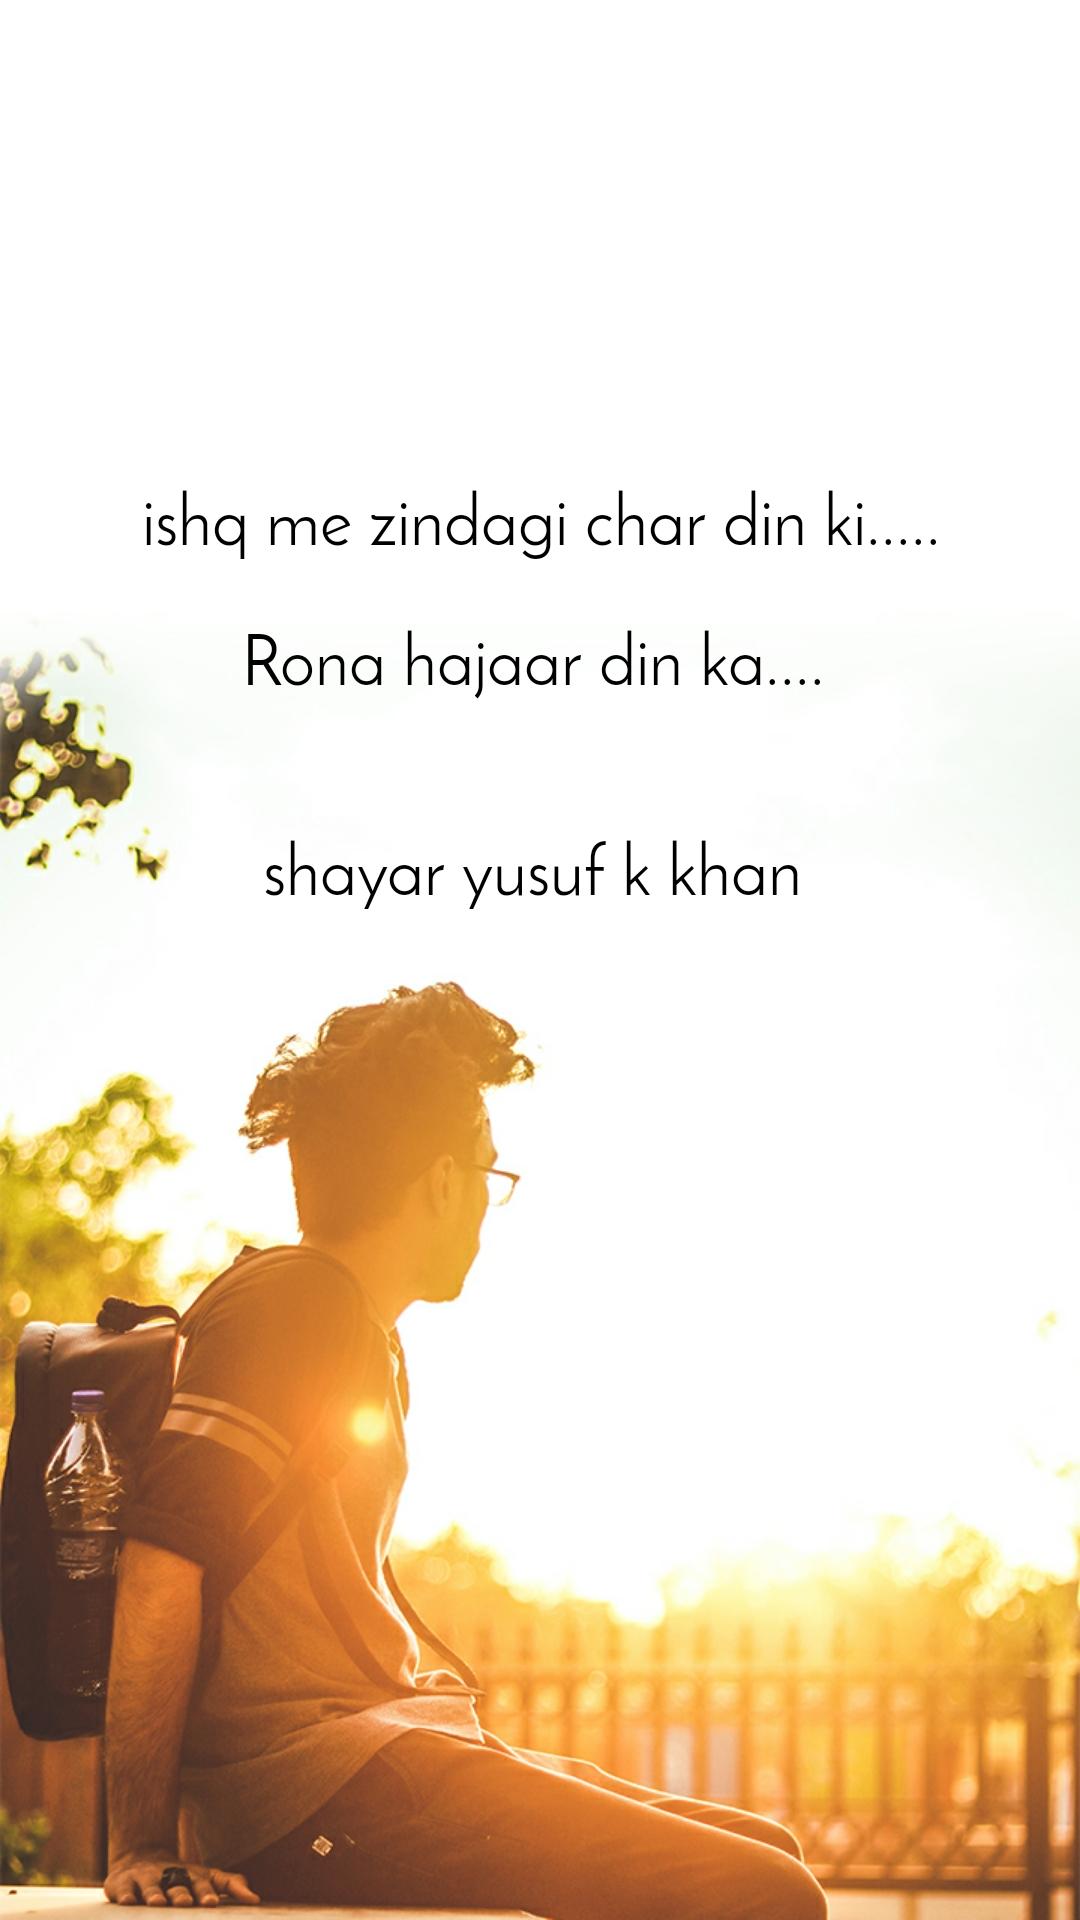 ishq me zindagi char din ki.....  Rona hajaar din ka....    shayar yusuf k khan